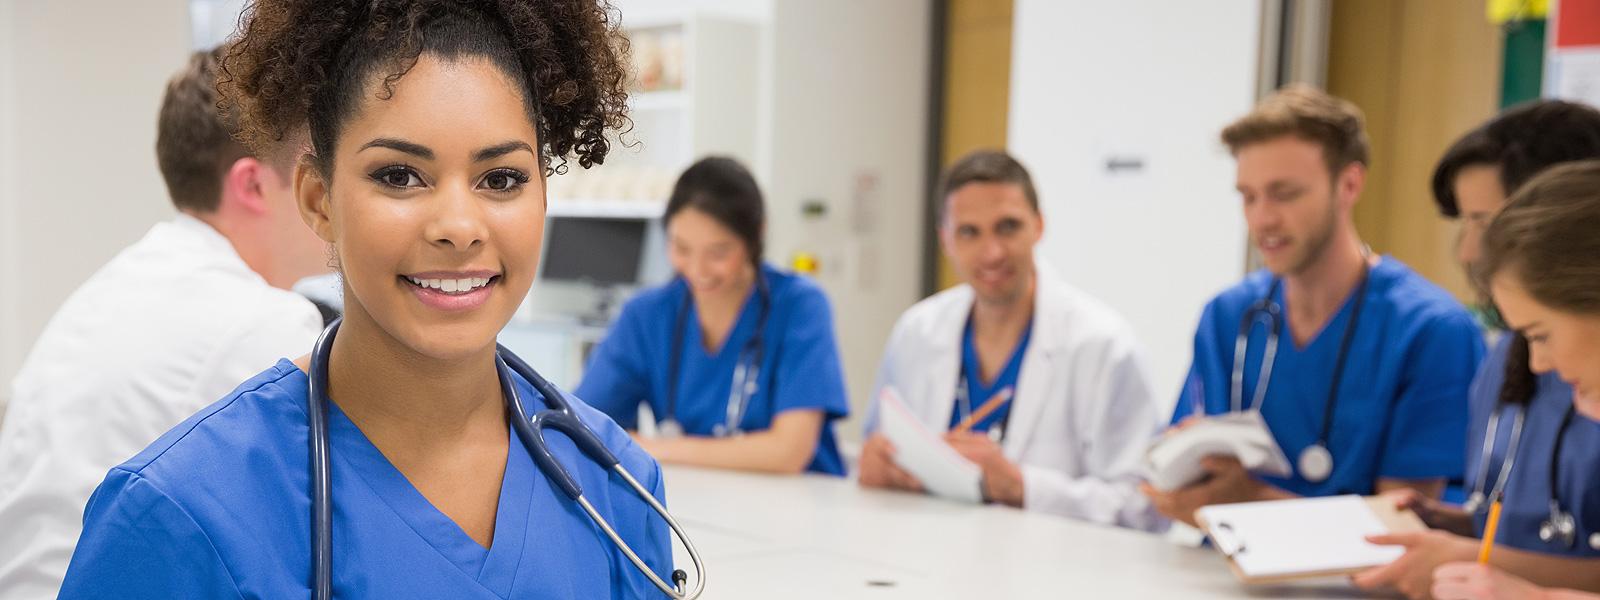 تحصیل در رشته پزشکی در استرالیا